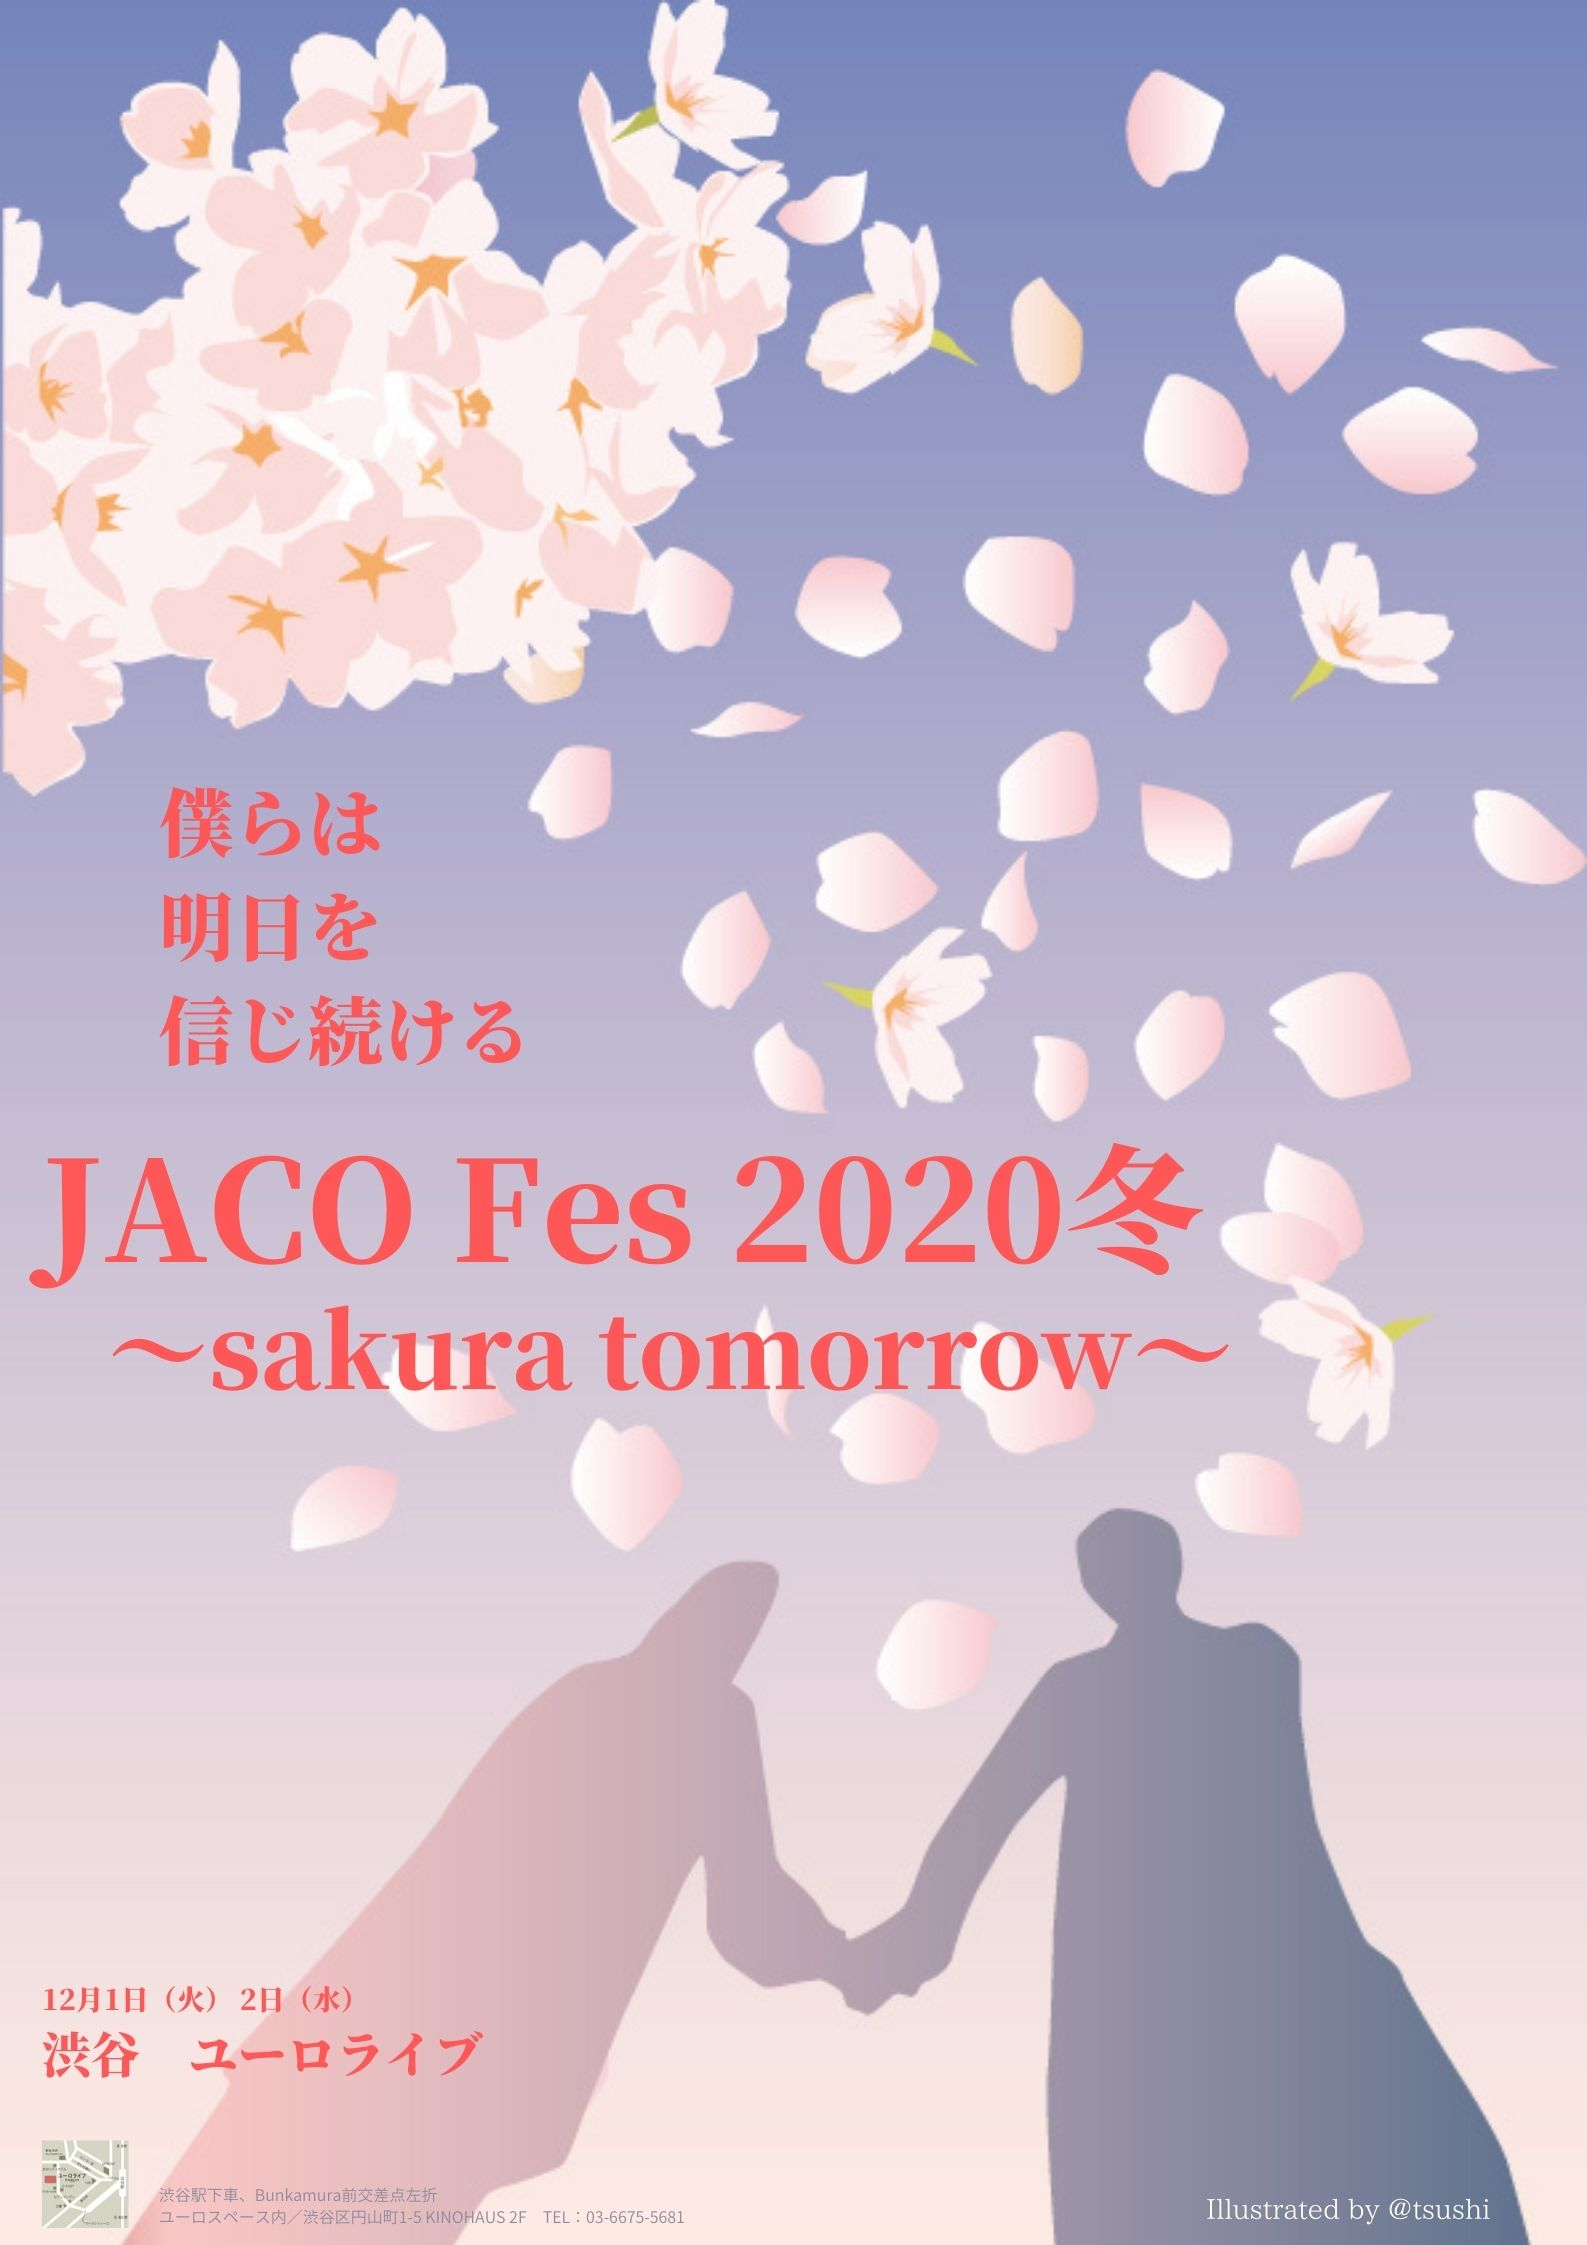 【配信版】JACO FES メイキング ~One for all  all for one~ ※2020冬公演メイキング映像のみ